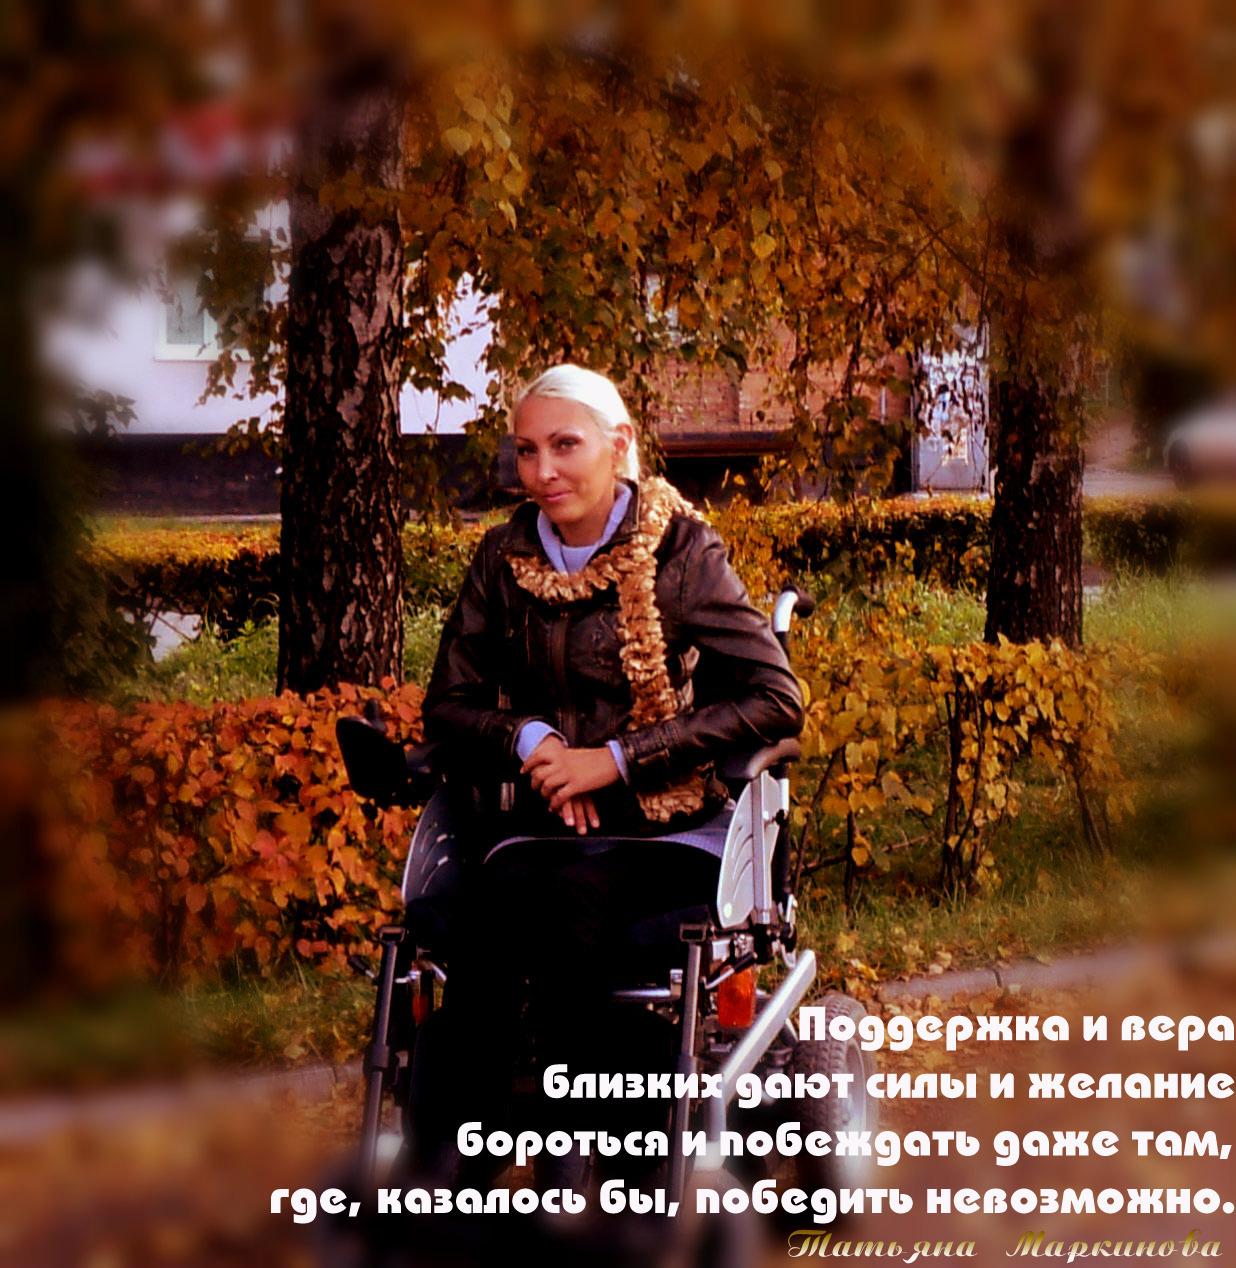 Татьяна Маркинова .